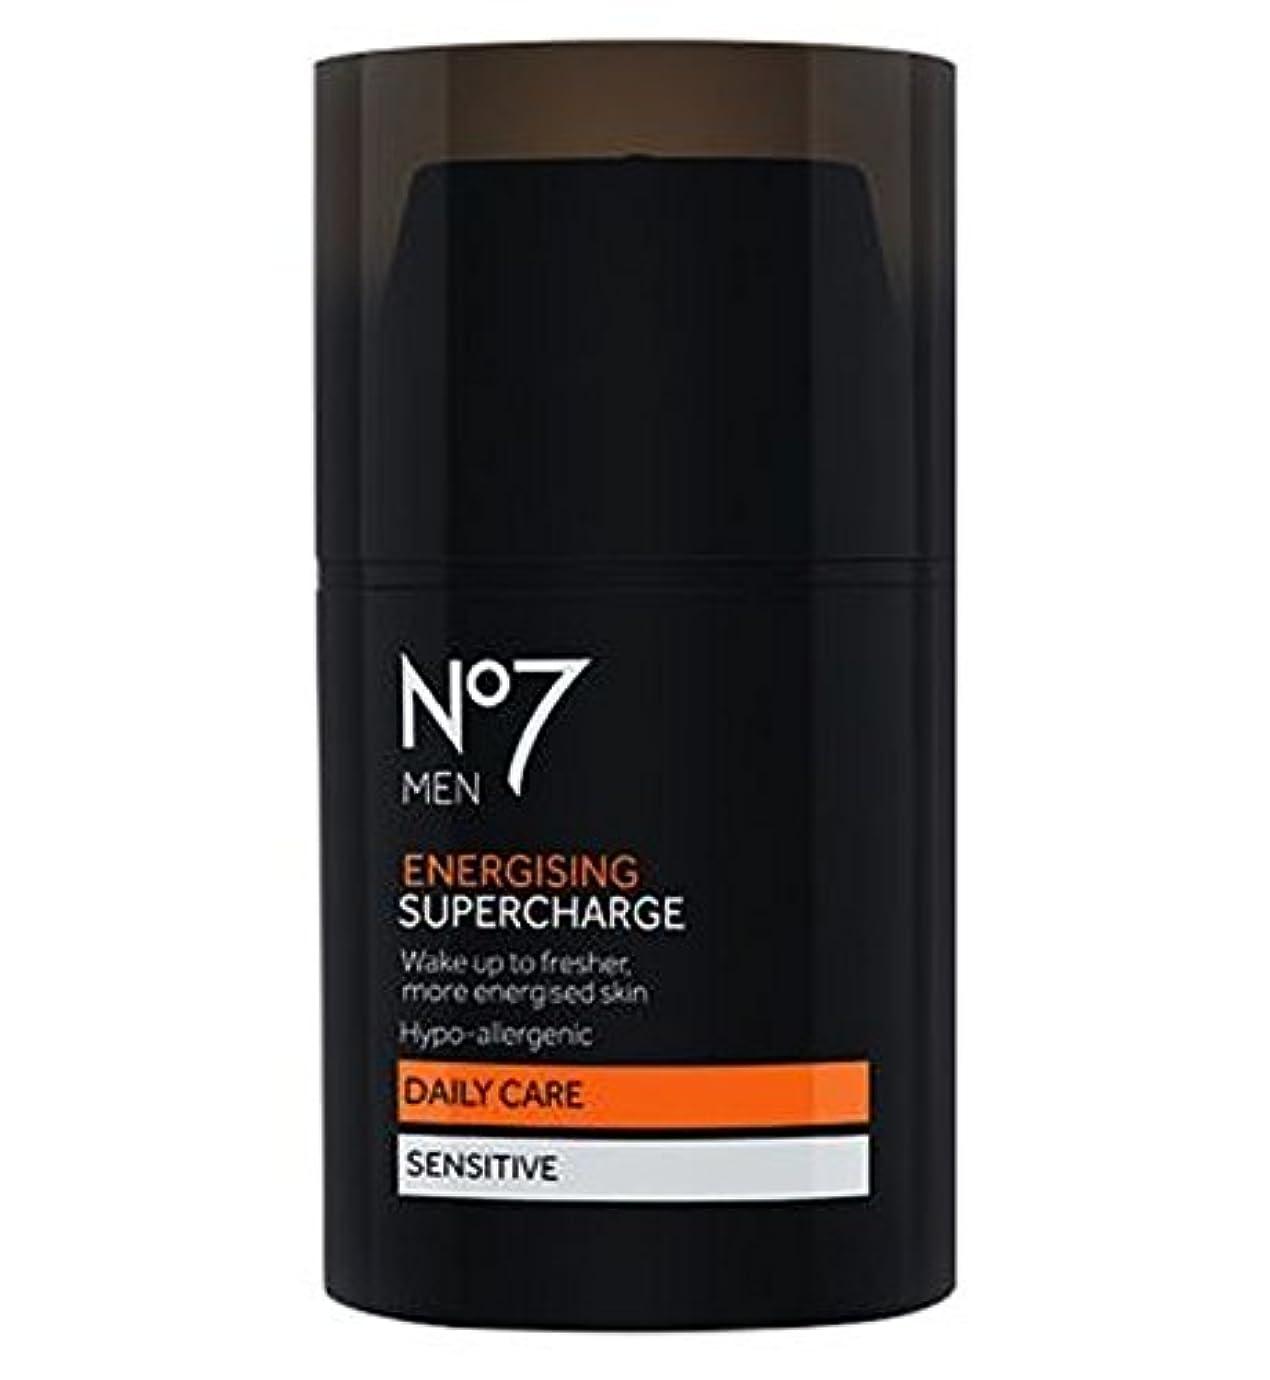 腐敗したネイティブするNo7 Men Energising Supercharge - 過給を通電No7の男性 (No7) [並行輸入品]